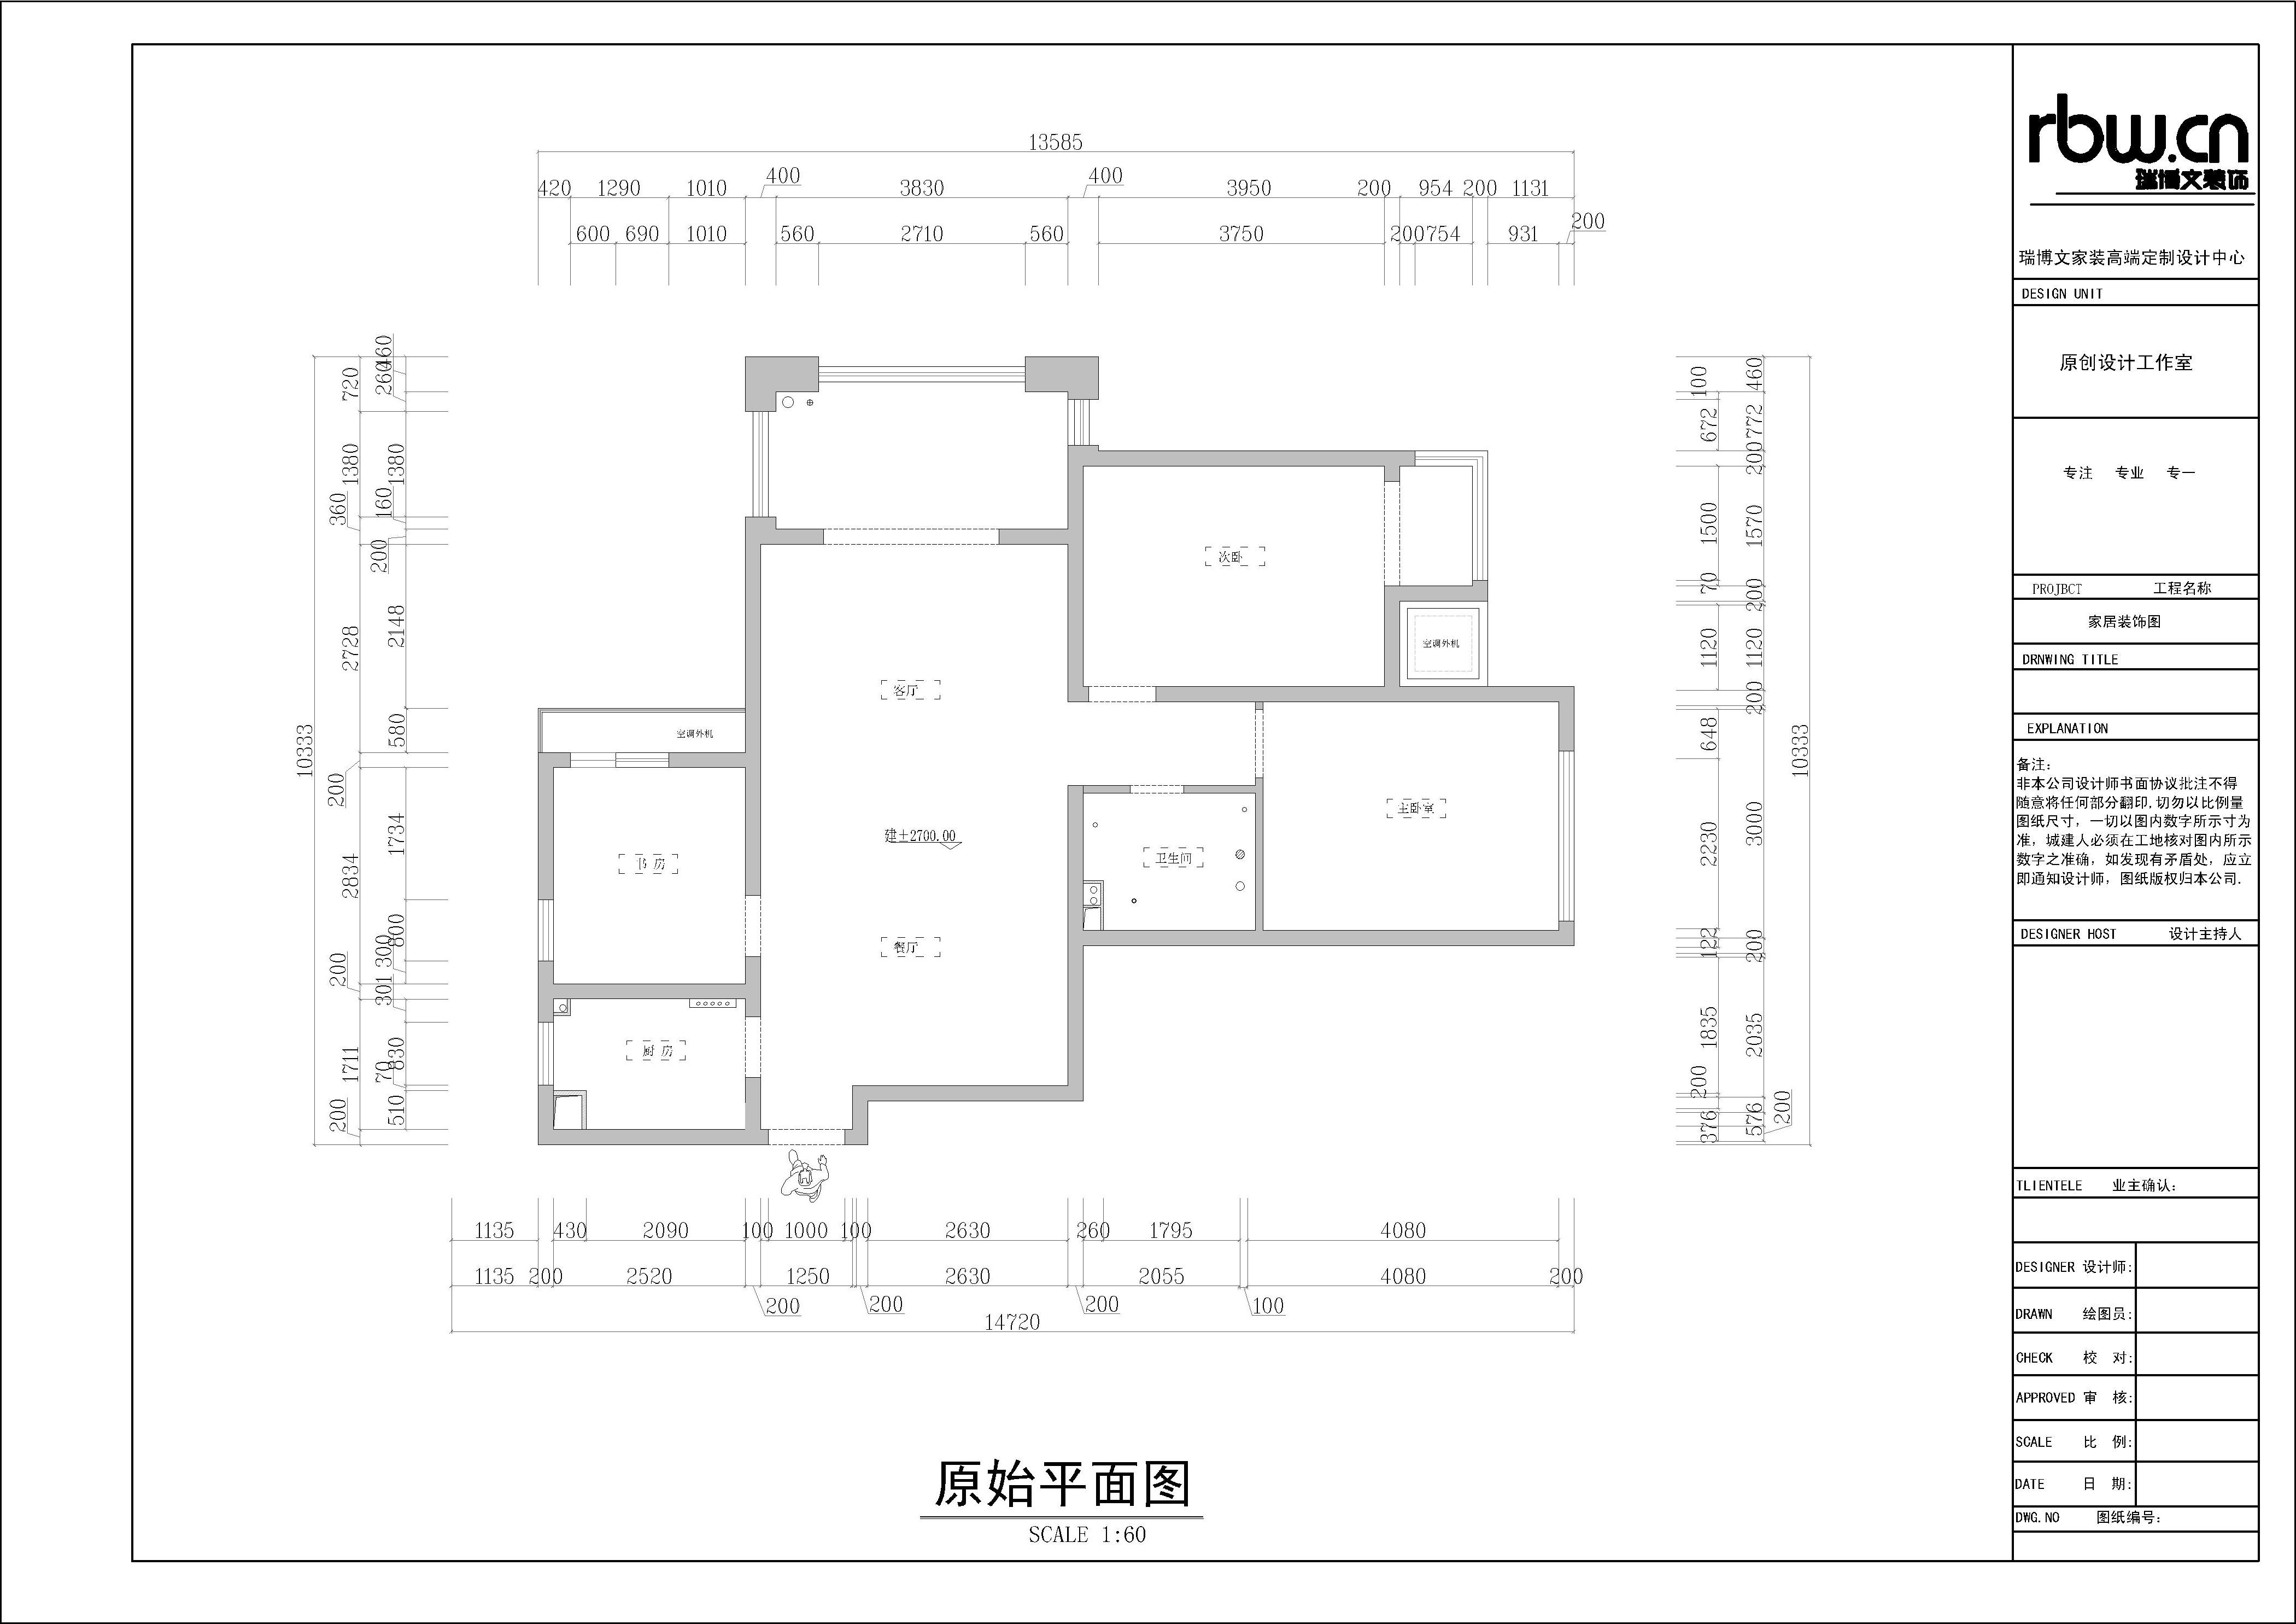 混搭 三居室 家庭装修 装修效果图 原始平面图 户型图图片来自北京汉东装饰设计在K2清水湾  混搭  温馨之家的分享